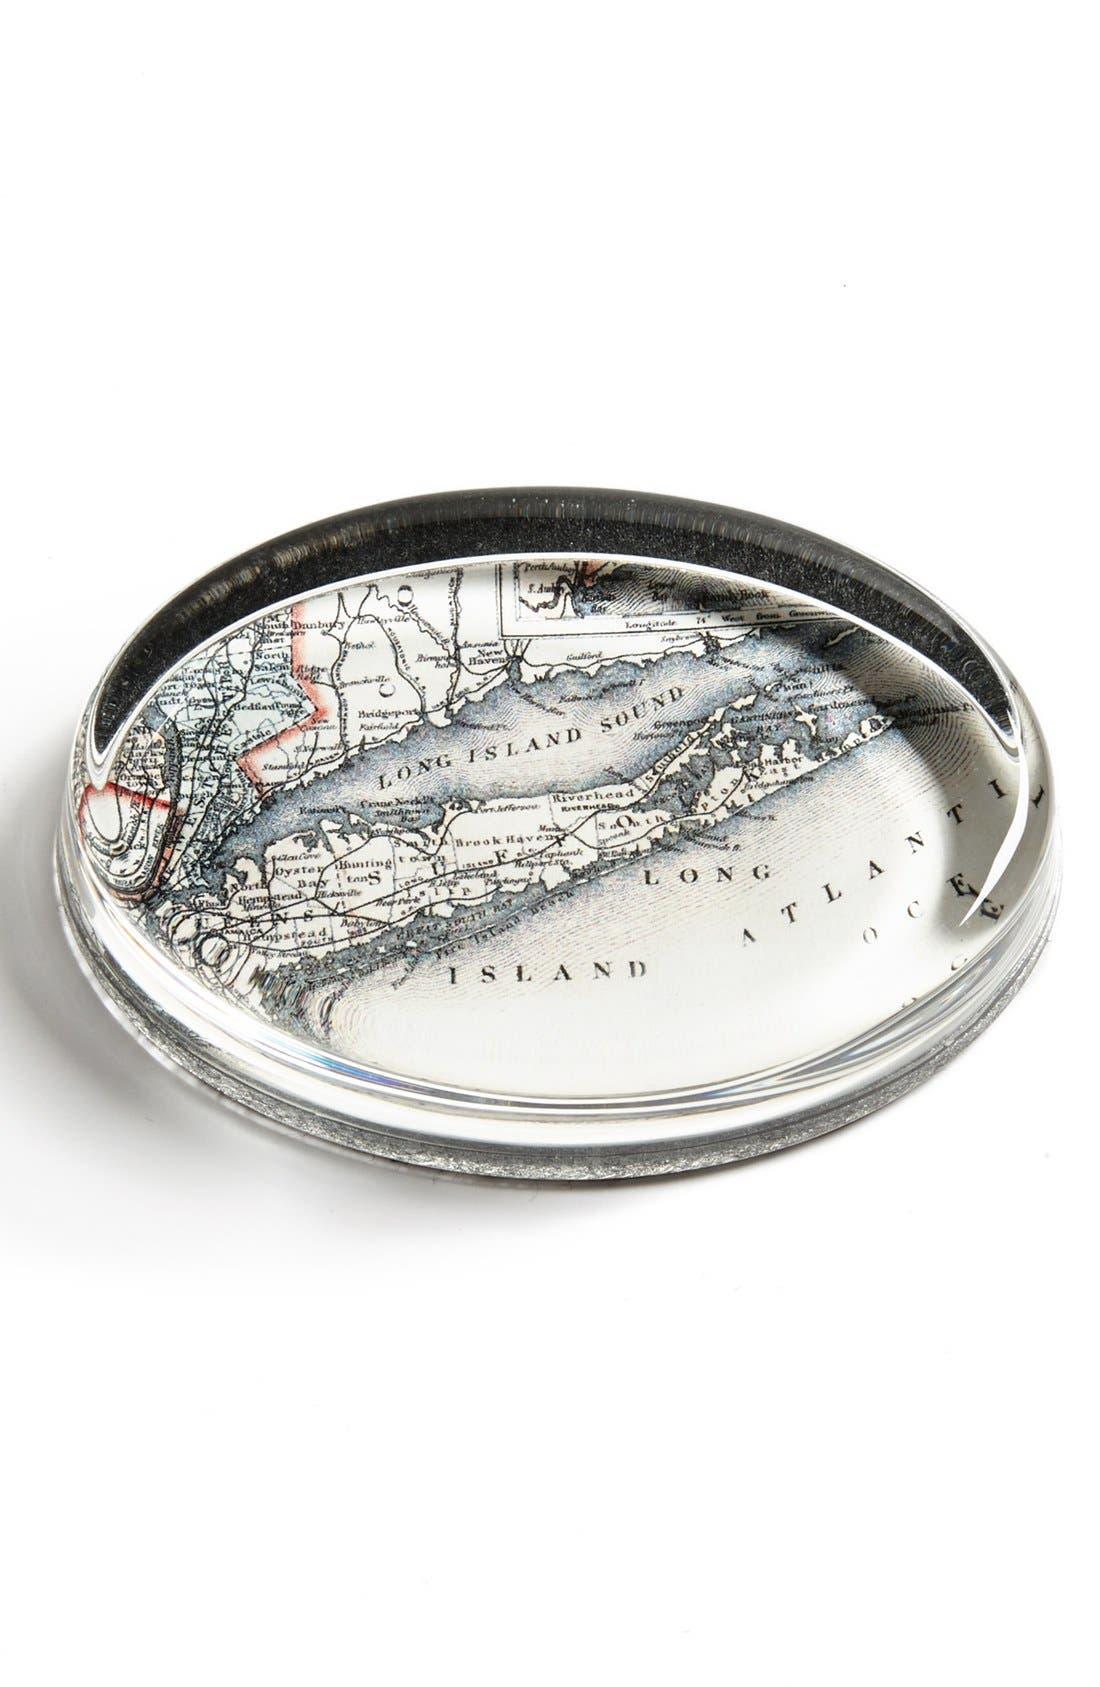 Main Image - Ben's Garden 'Antique Long Island Map' Paperweight